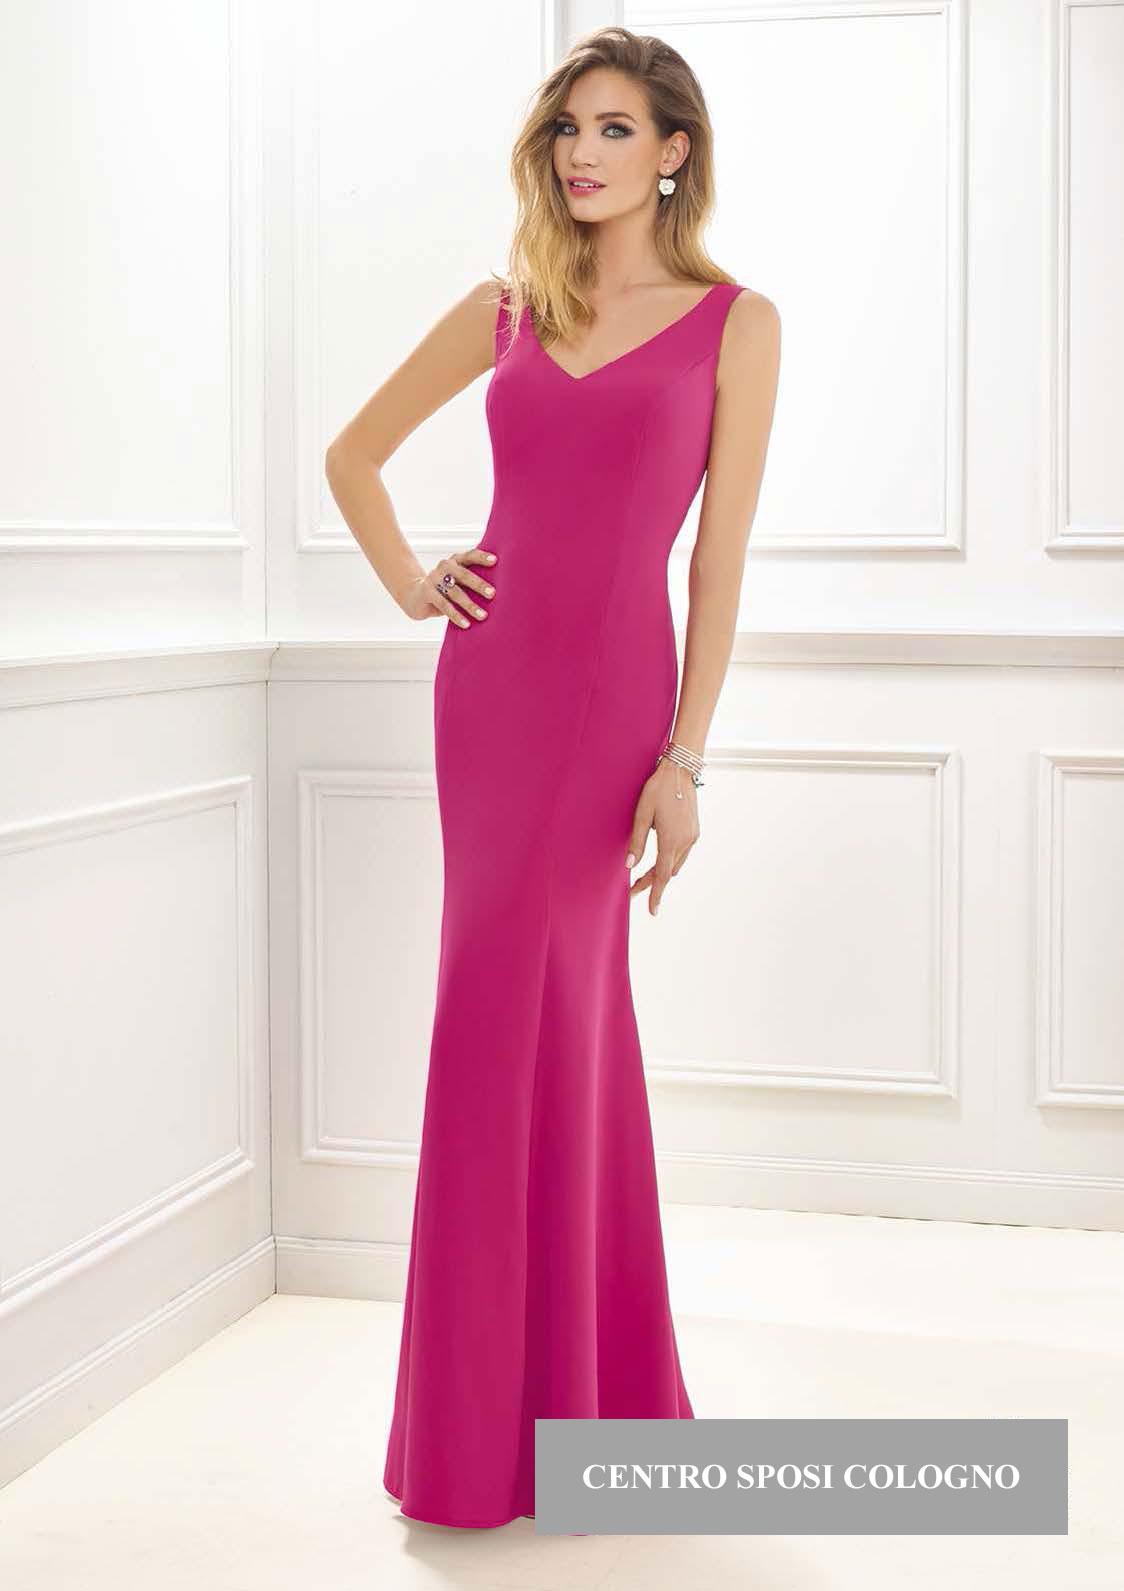 0d40ca7149e2 Vestiti eleganti per matrimonio - Centro Sposi Cologno